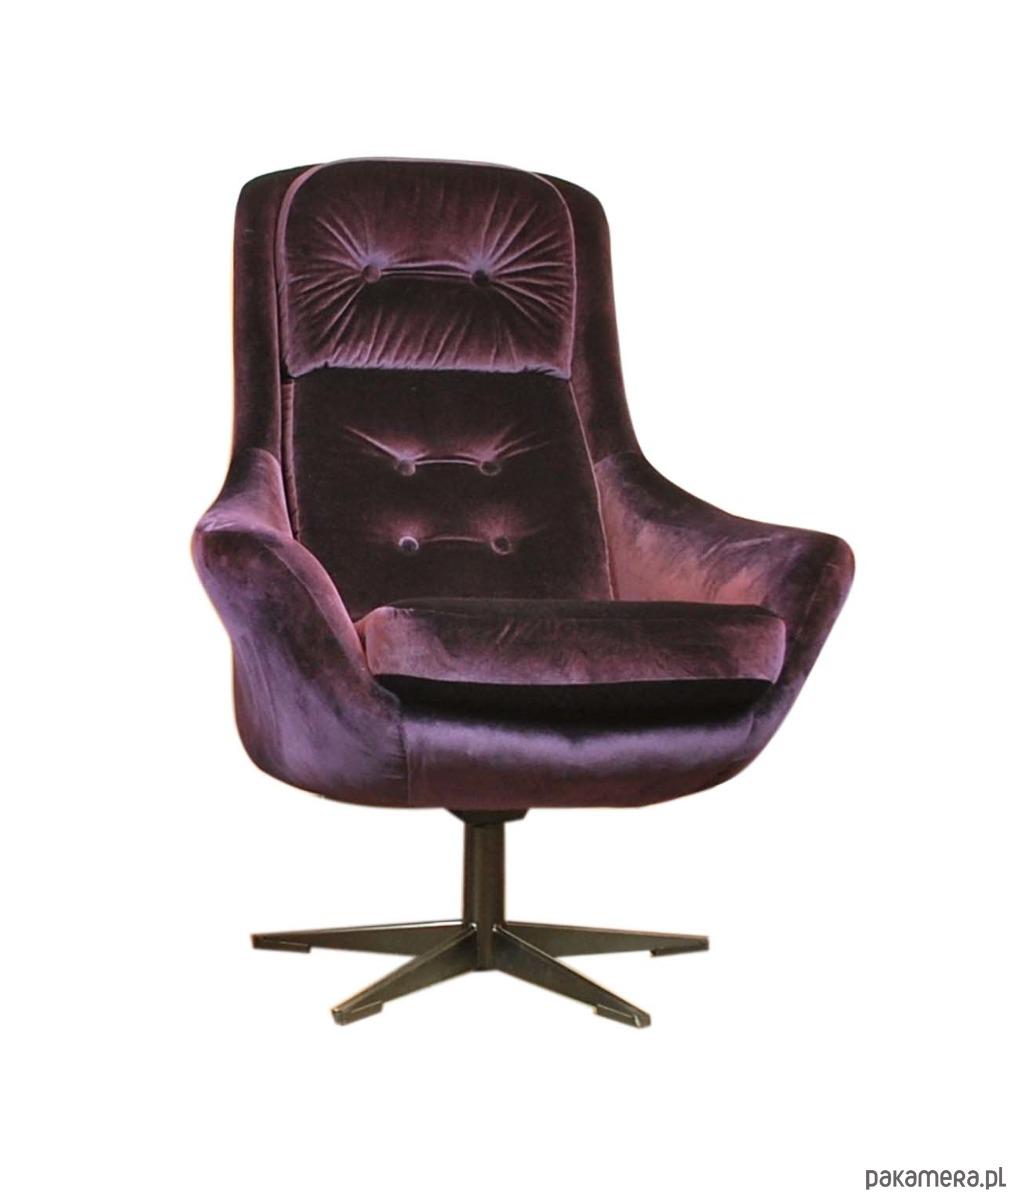 Fotel Obrotowy F 015 Pakamerapl